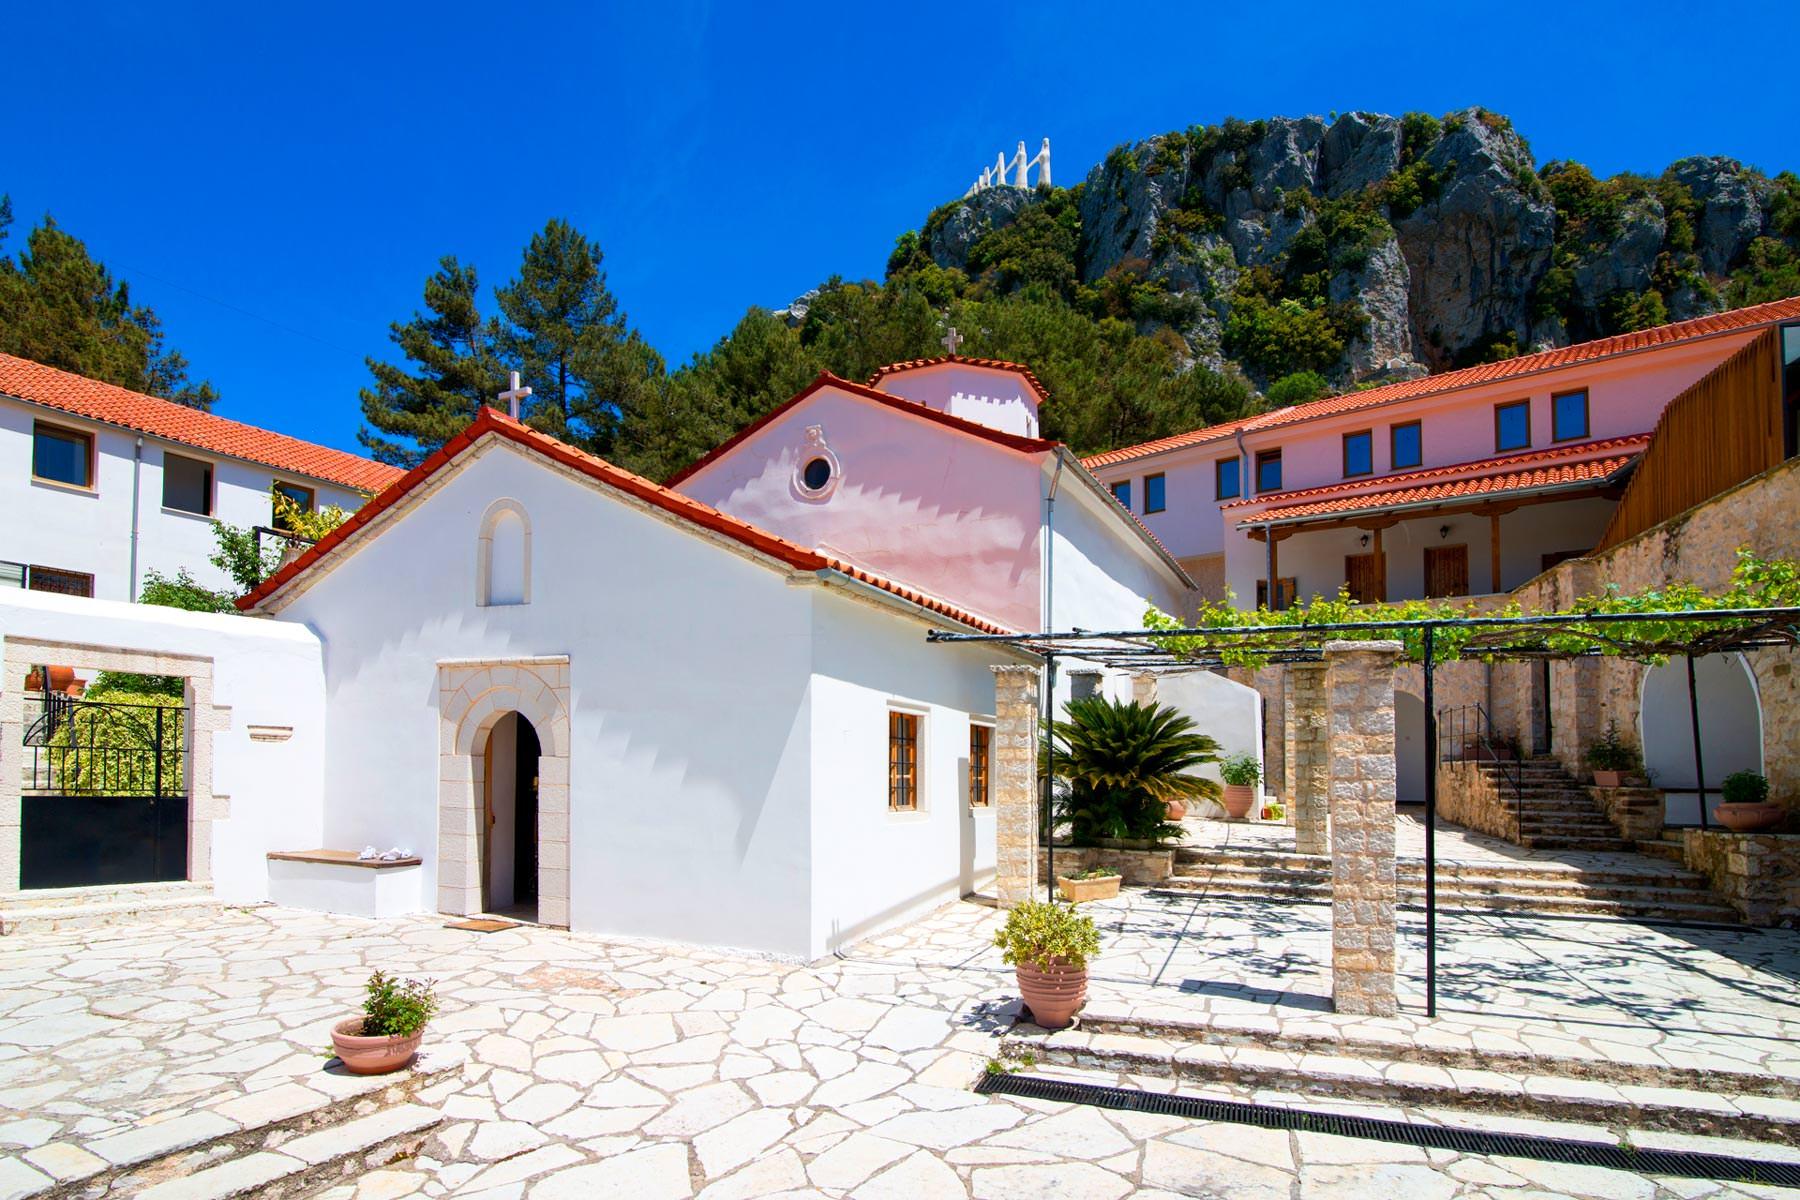 Μονή Αγίου Δημητρίου Ζάλογγο